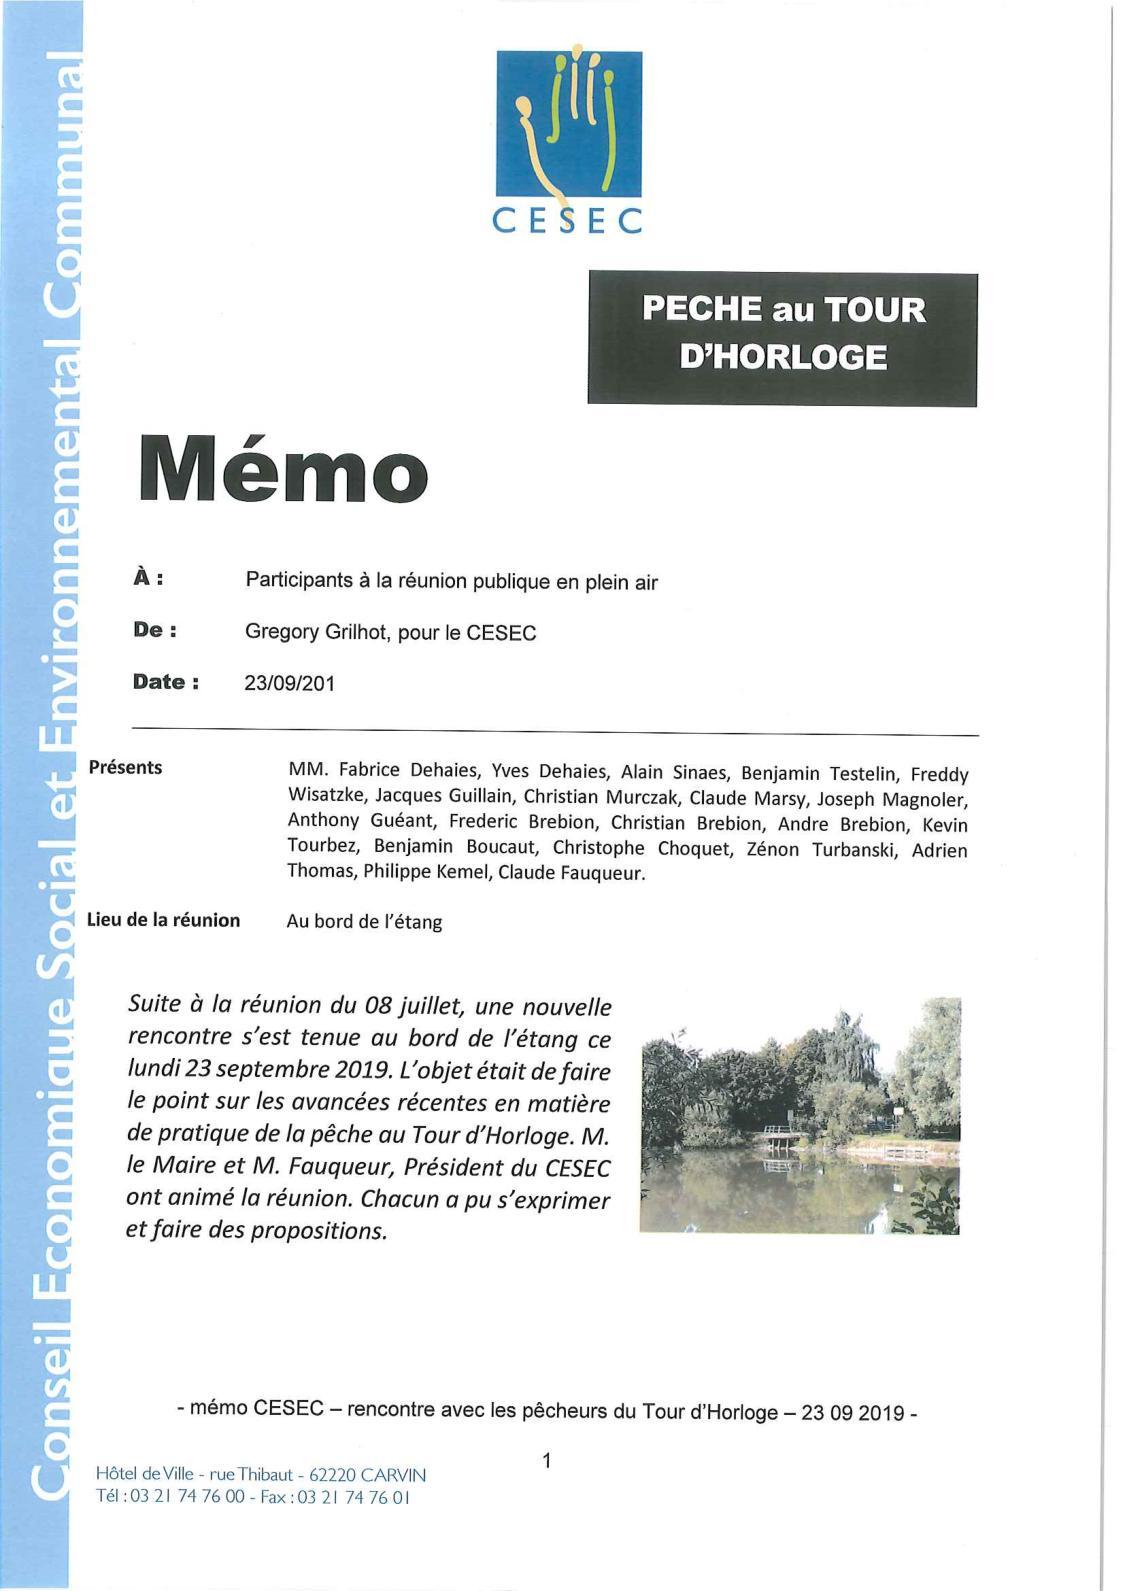 Annuaire de pêche et outil communautaire des pêcheurs - Hôtels Allier - Hôtels 03